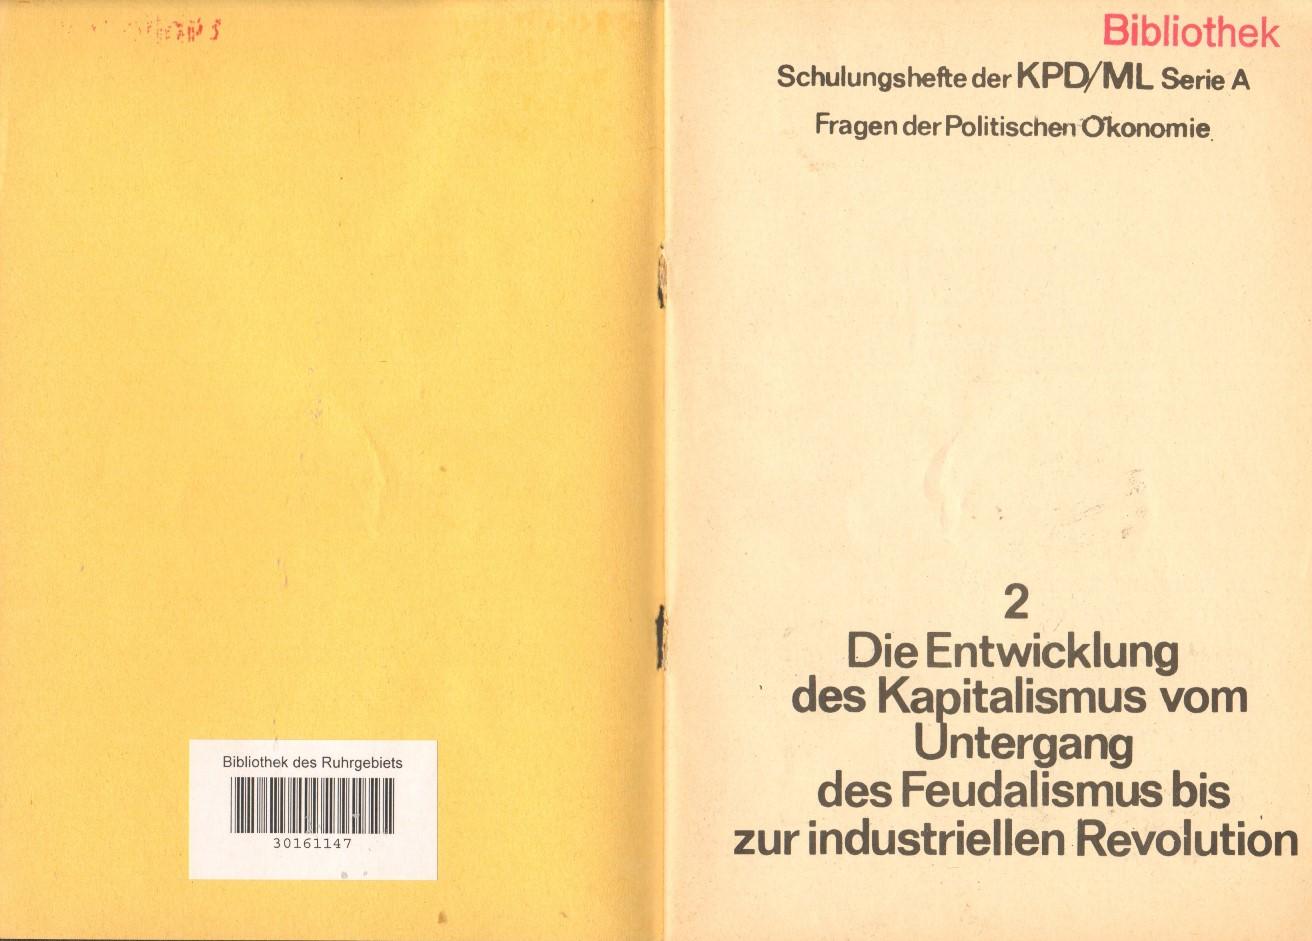 ZB_Schulungsheft_Serie_A_Nr_02_02